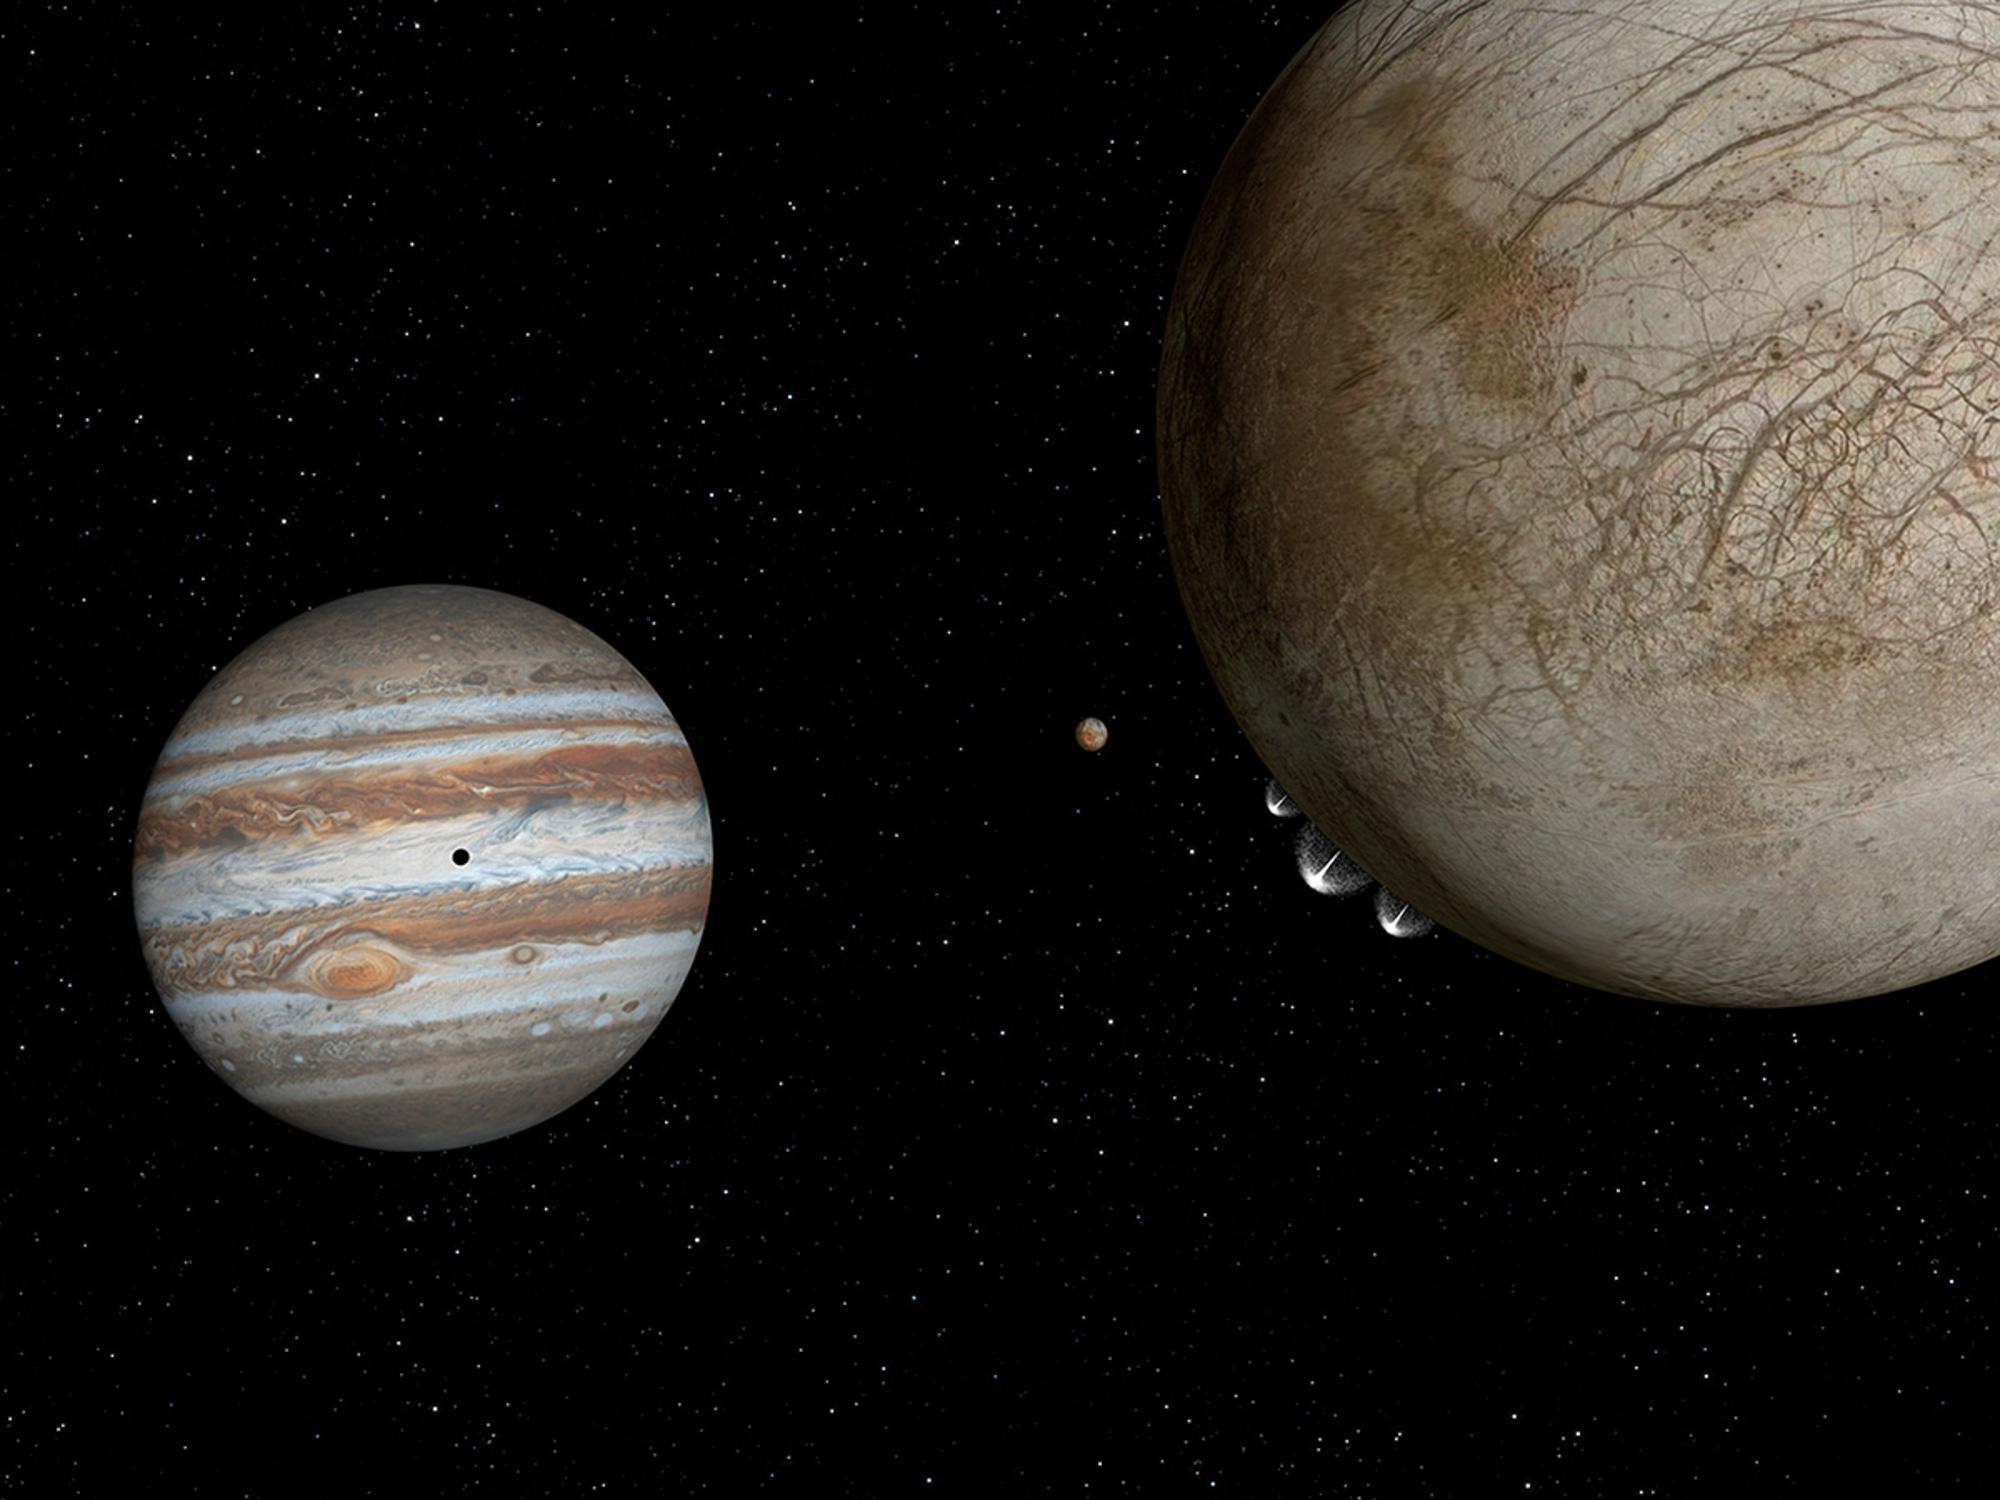 Αποτέλεσμα εικόνας για NASA: Ανιχνεύθηκαν οργανικές ουσίες στο νάνο πλανήτη Δήμητρα από το διαστημικό σκάφος Dawn